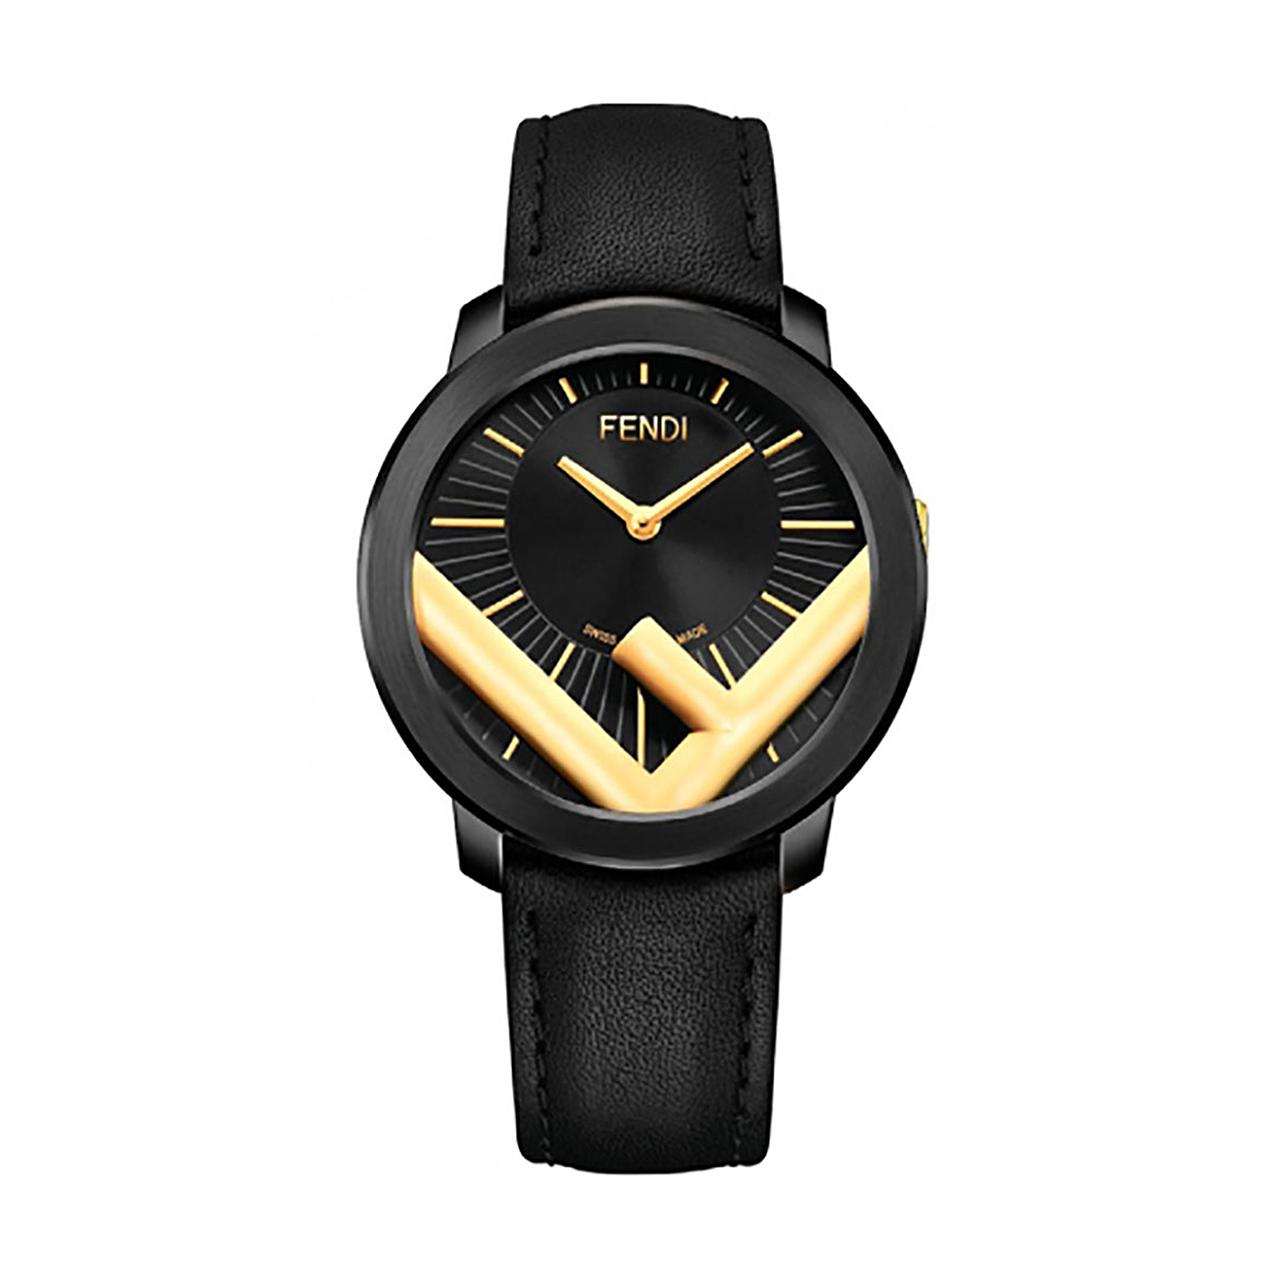 ساعت مچی عقربه ای مردانه فندی مدل F712111011 4